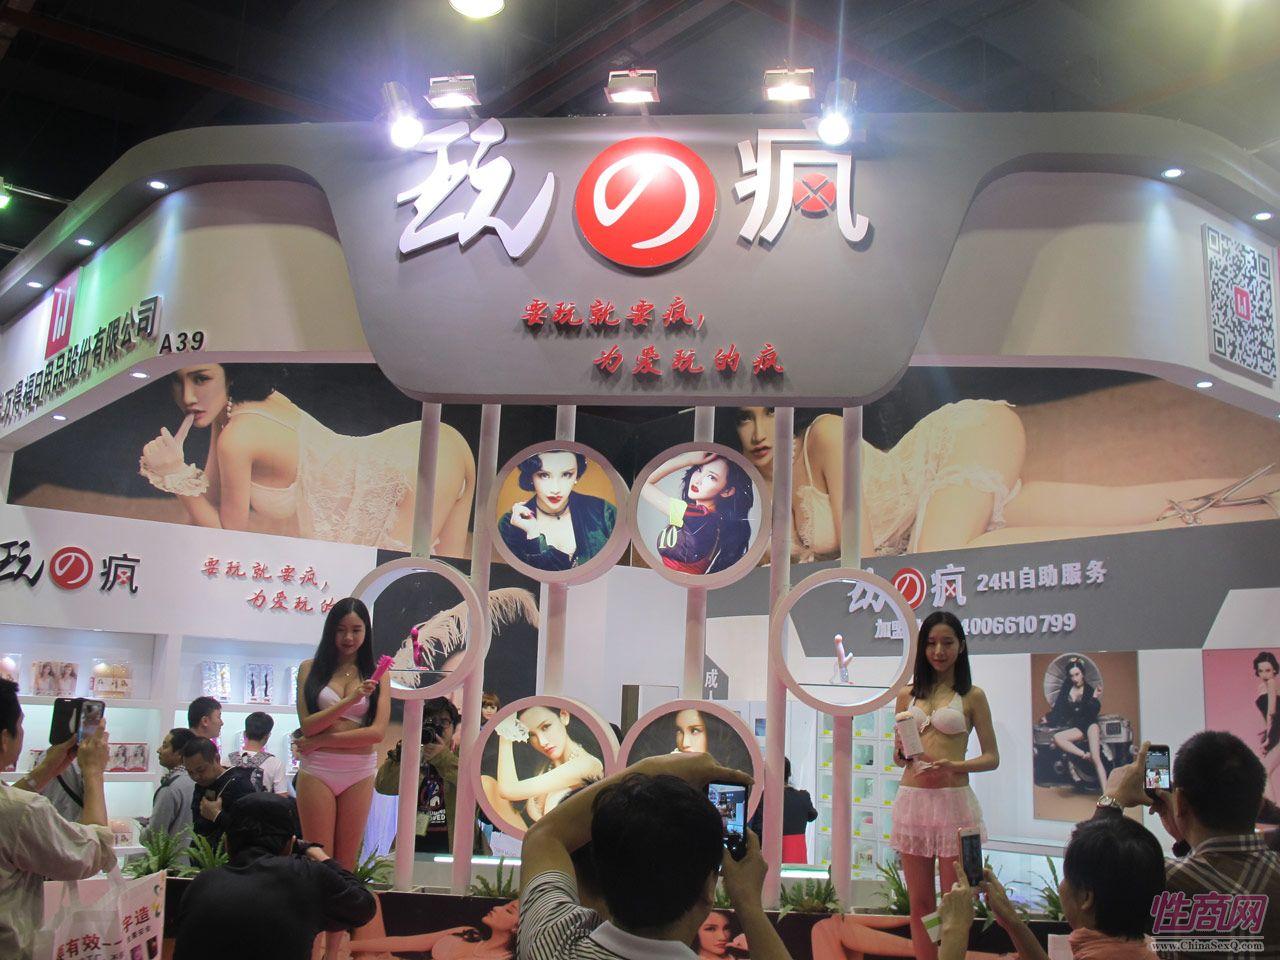 2016第十八届广州性文化节――展会现场图片9